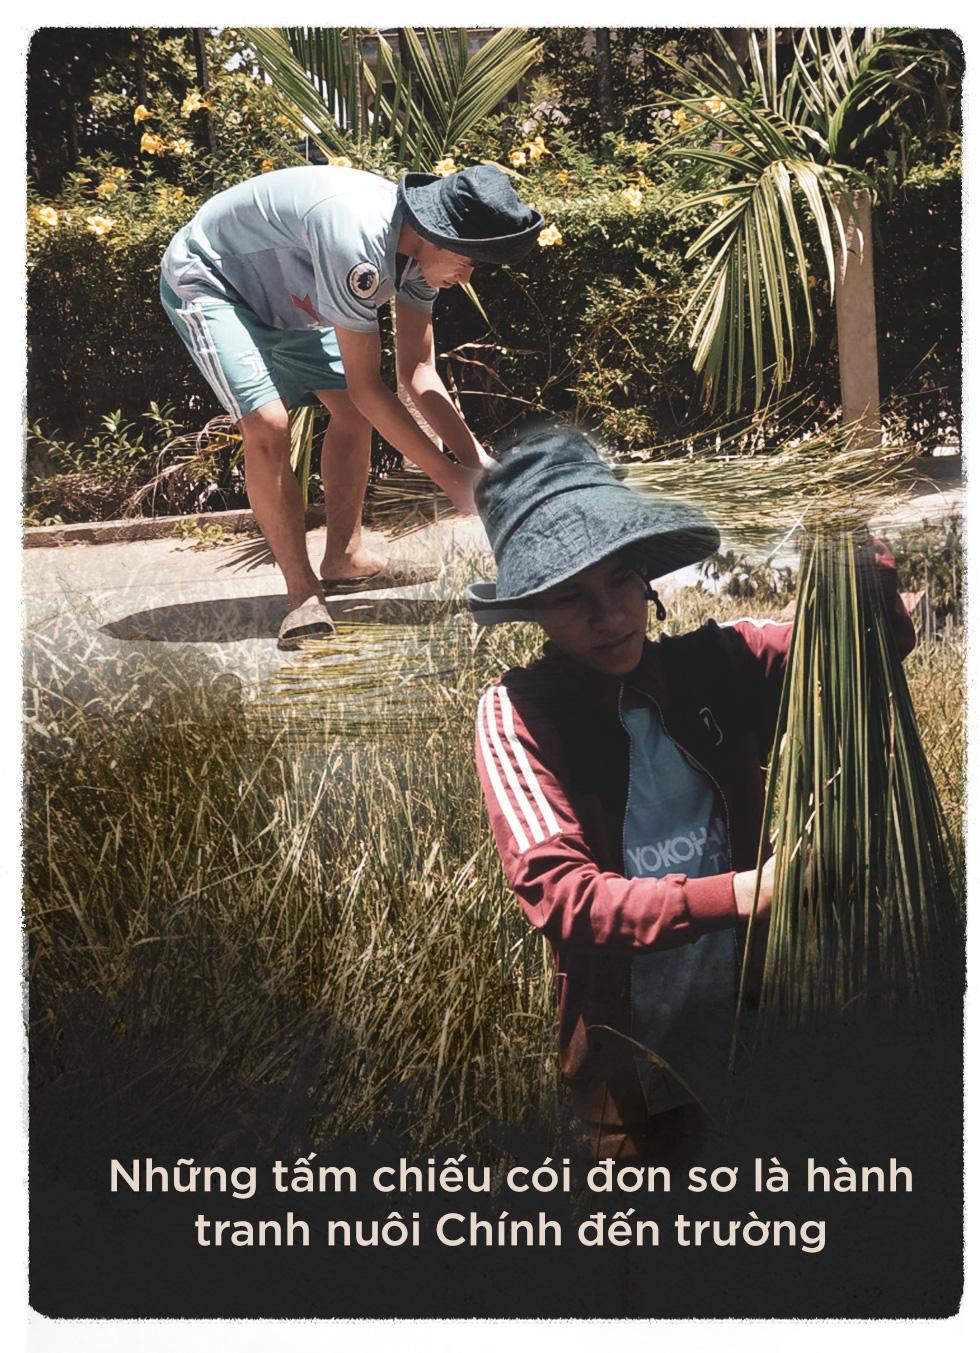 Tiếp sức đến trường: Dệt cói, trồng sắn và đeo đuổi ước mơ nghề nghiệp - Ảnh 3.